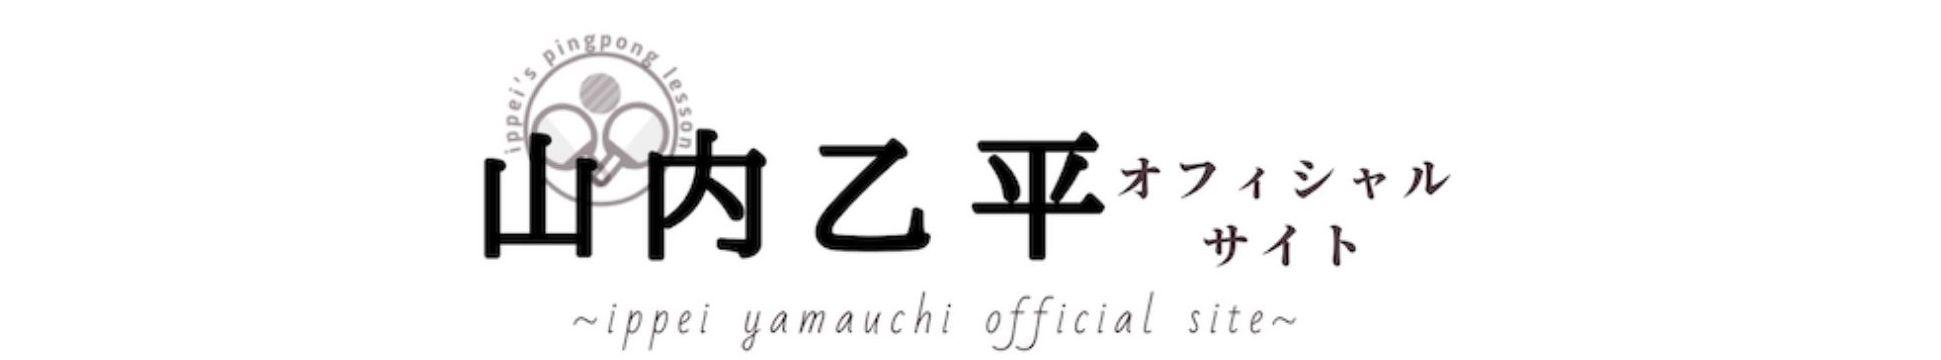 プロ卓球コーチ 山内乙平オフィシャルサイト